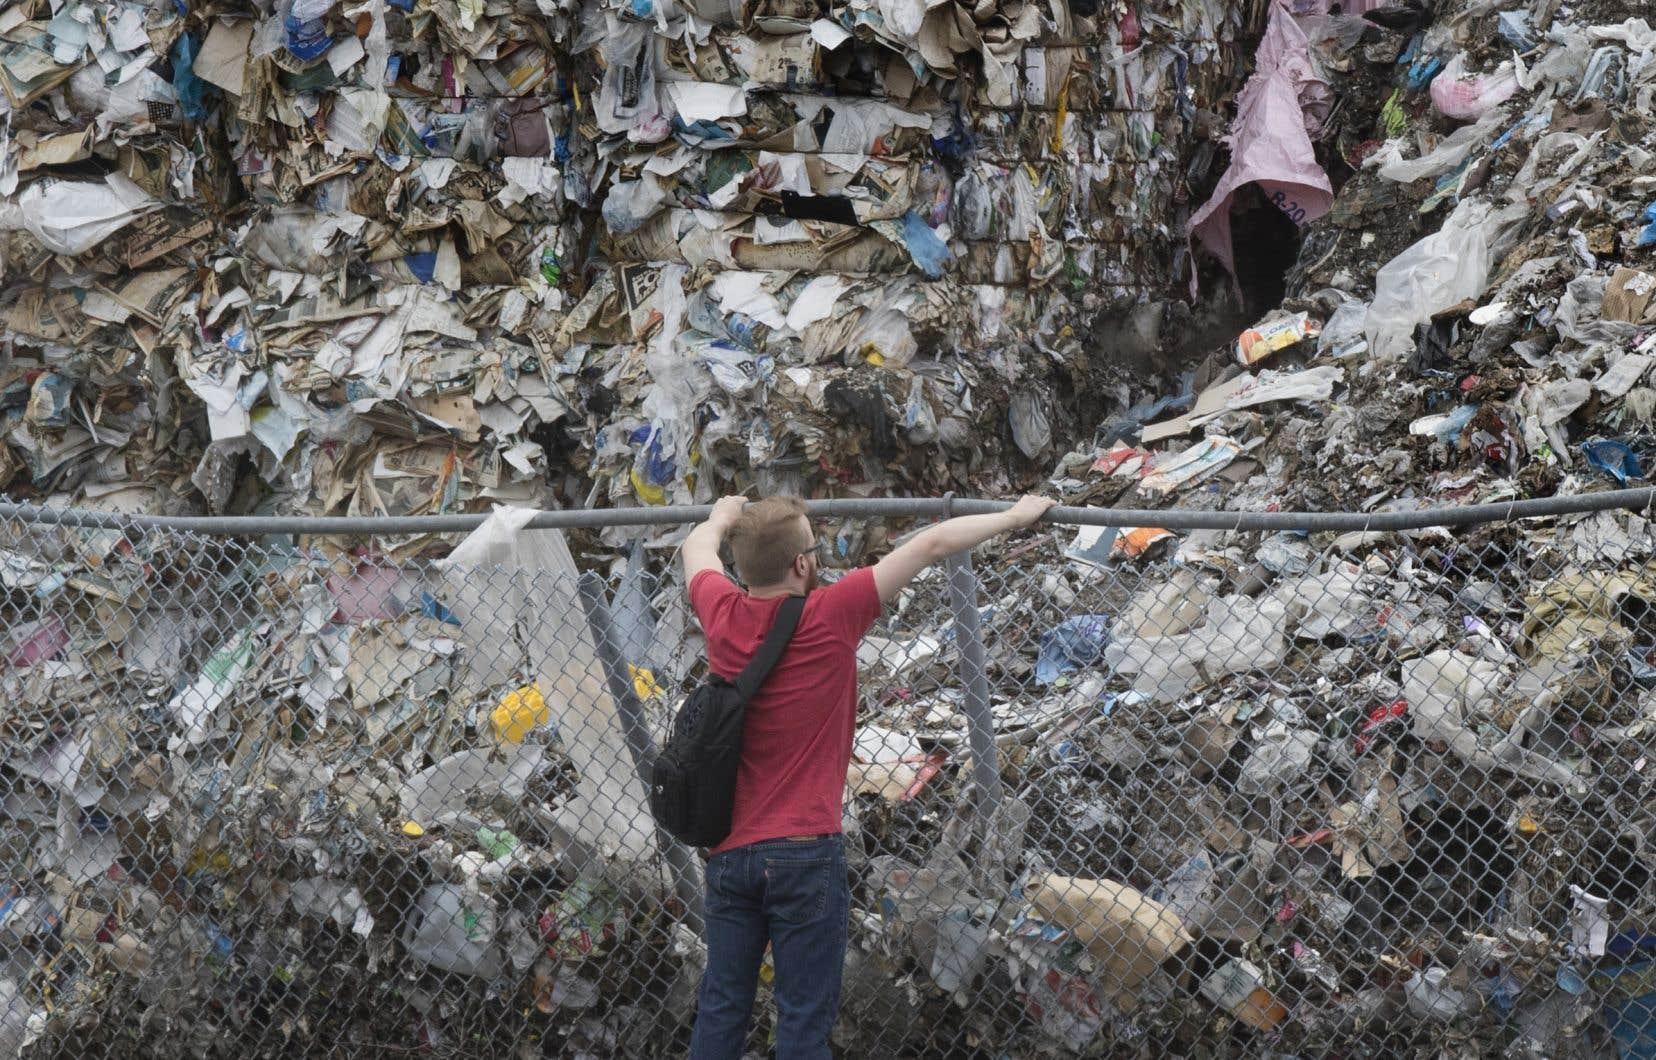 Le papier récupéré est inutilisable en raison de la contamination par d'autres matières et s'accumule depuis que la Chine a décidé qu'elle n'en voulait plus.